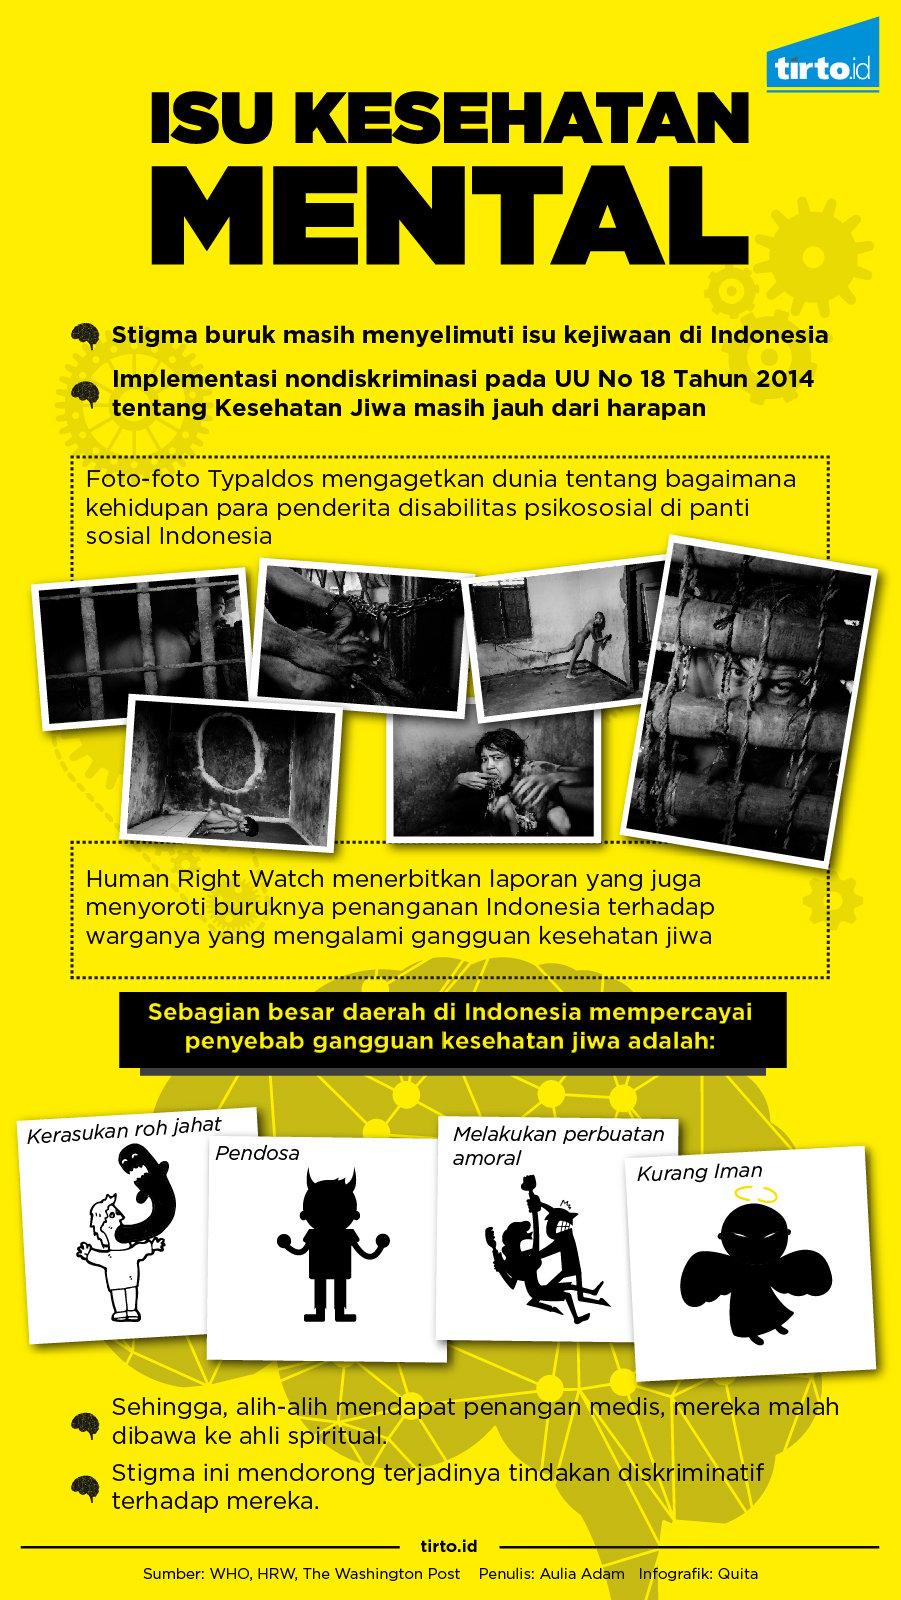 Kesehatan Mental di Indonesia Hari Ini - Tirto.ID